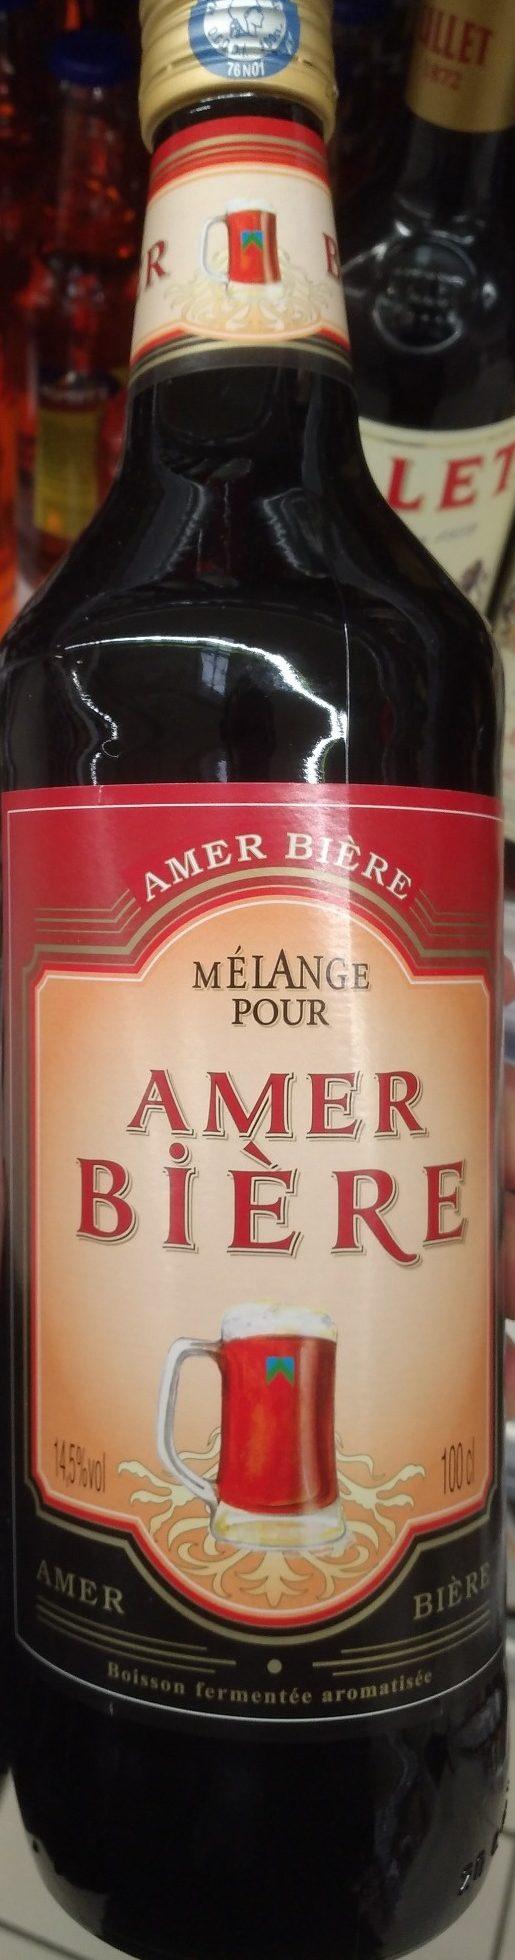 Mélange pour amer bière - Produit